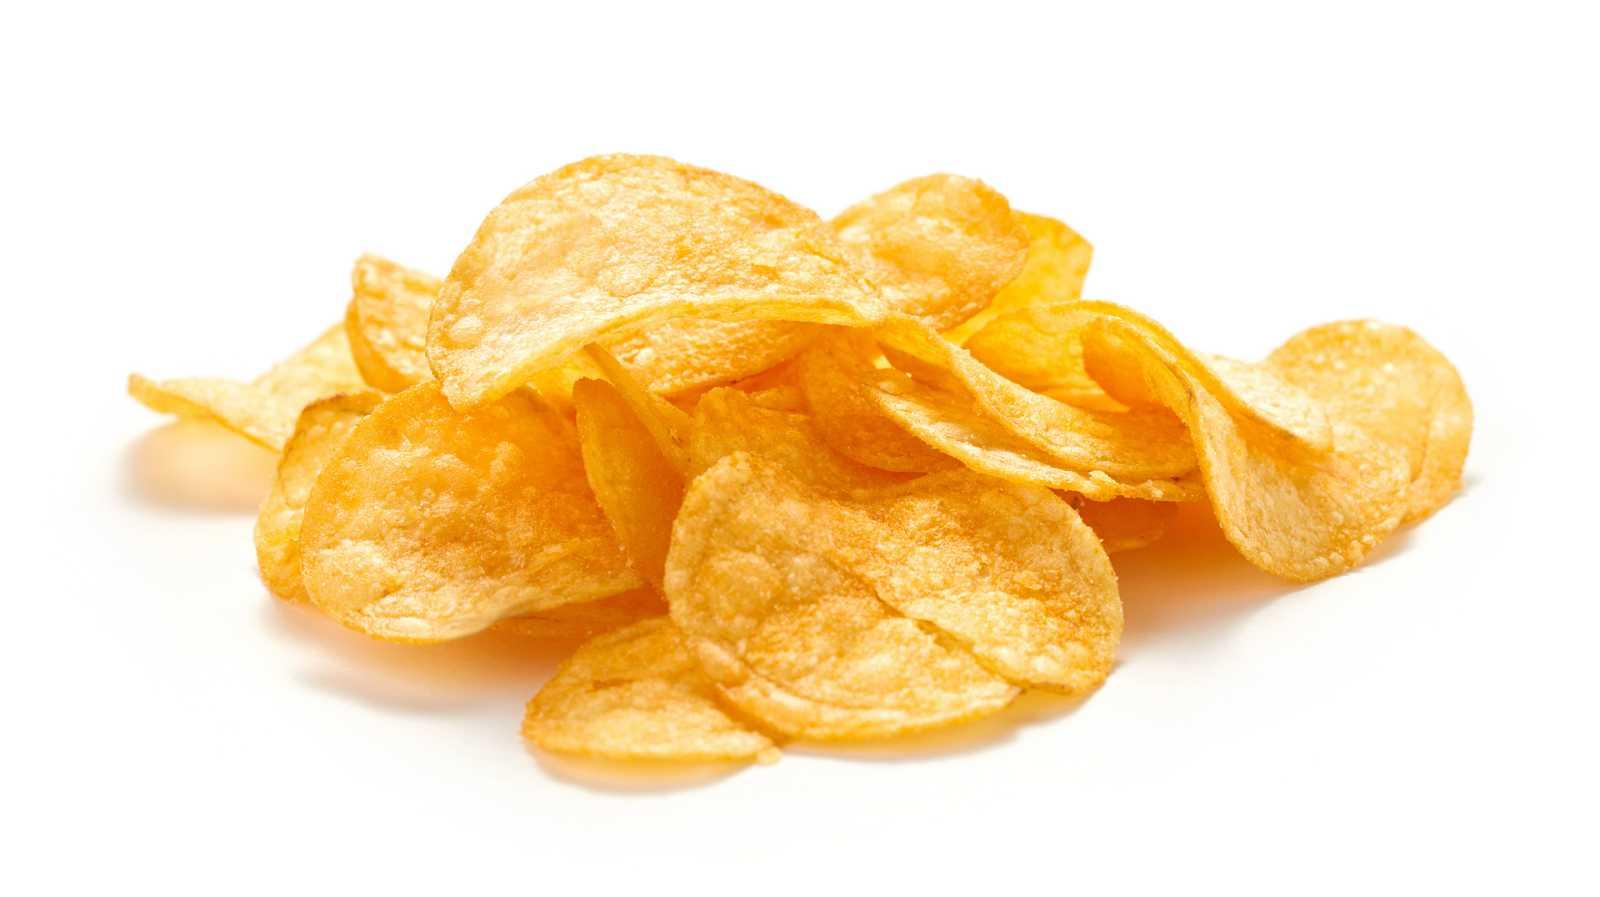 ¿Cómo se hacen las patatas fritas de bolsa?